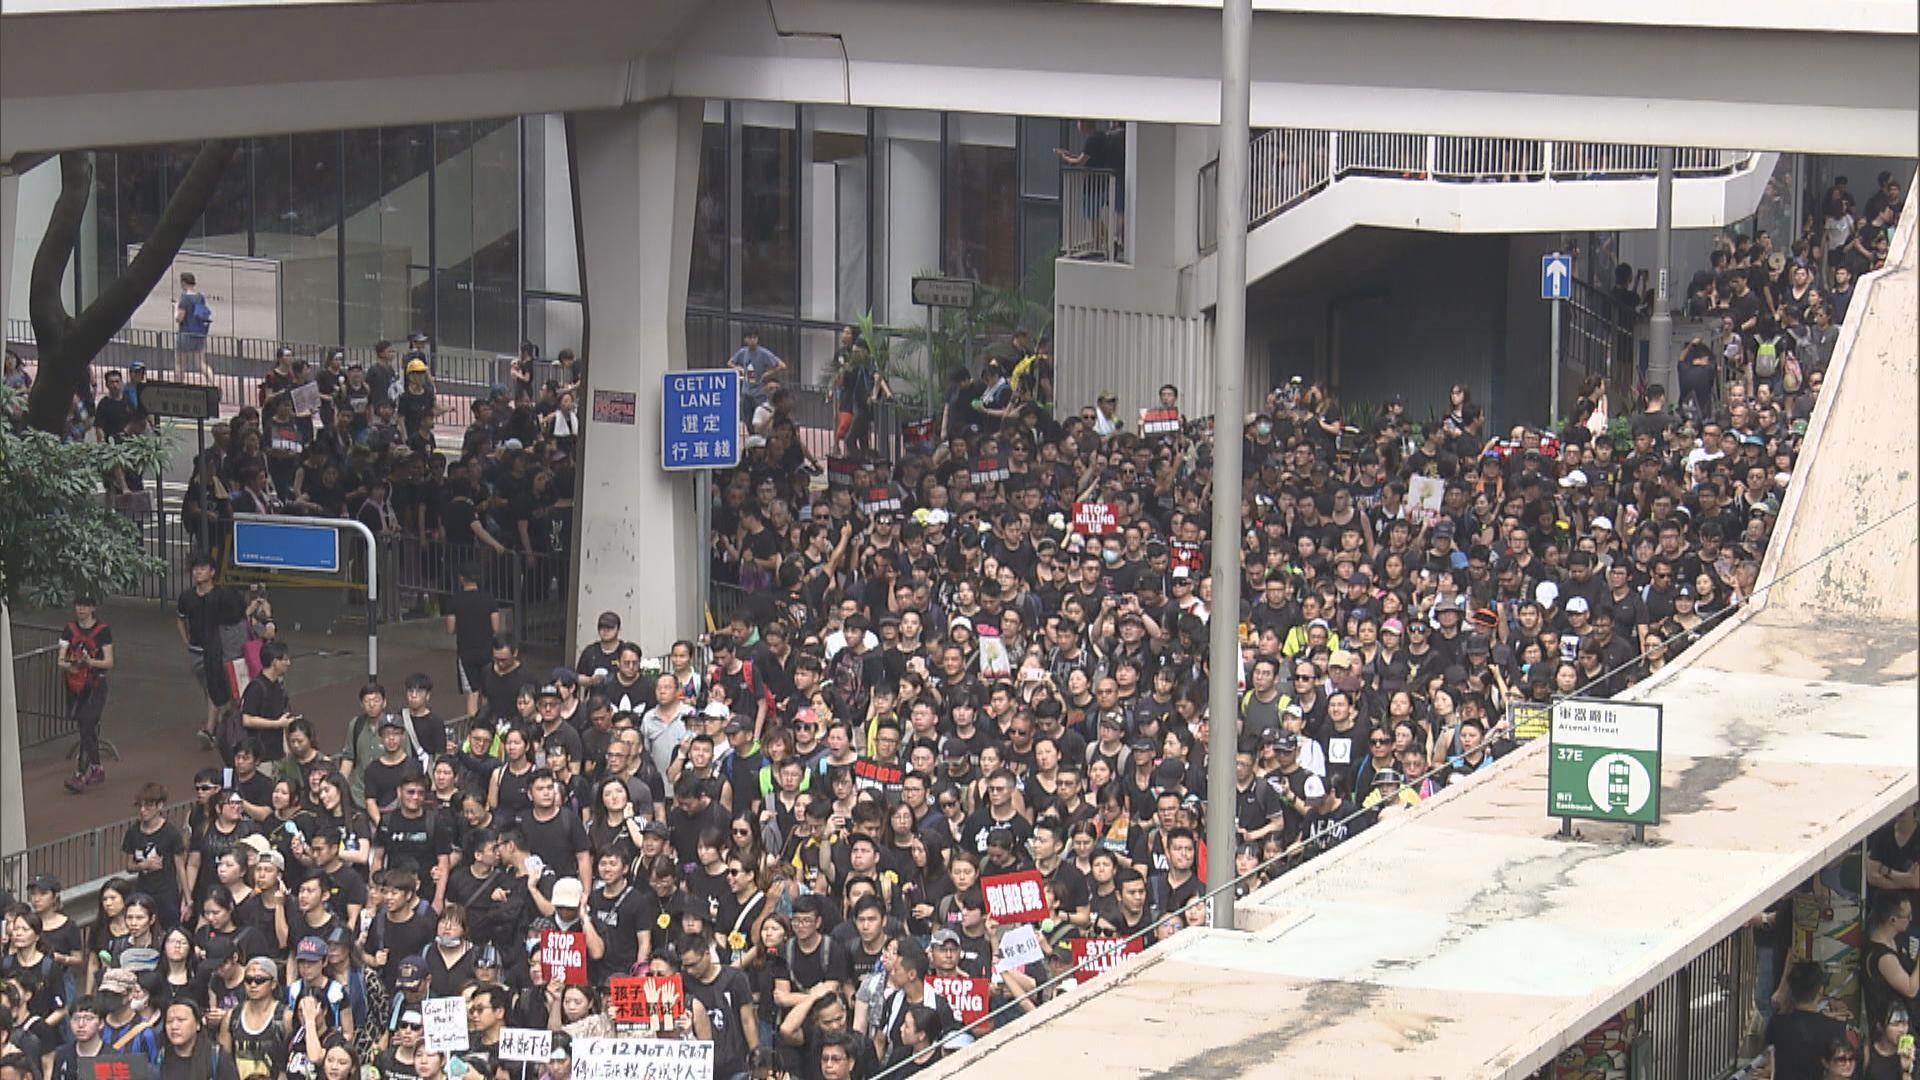 周六831方案通過五周年 民陣原定趁此舉行遊行